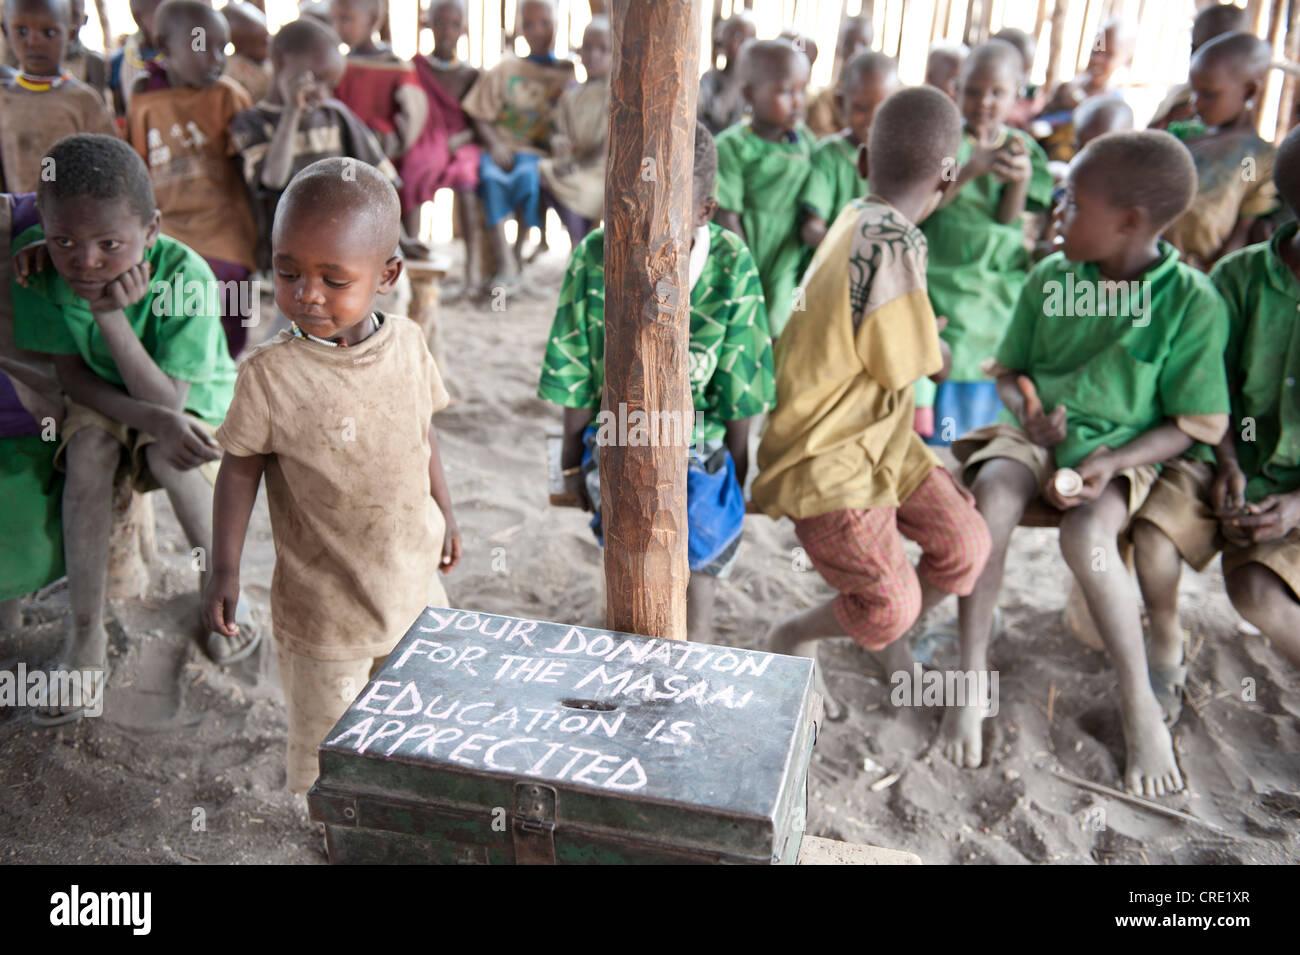 La educación y la pobreza, los niños de una escuela primaria de la clase con una caja de donación, Imagen De Stock